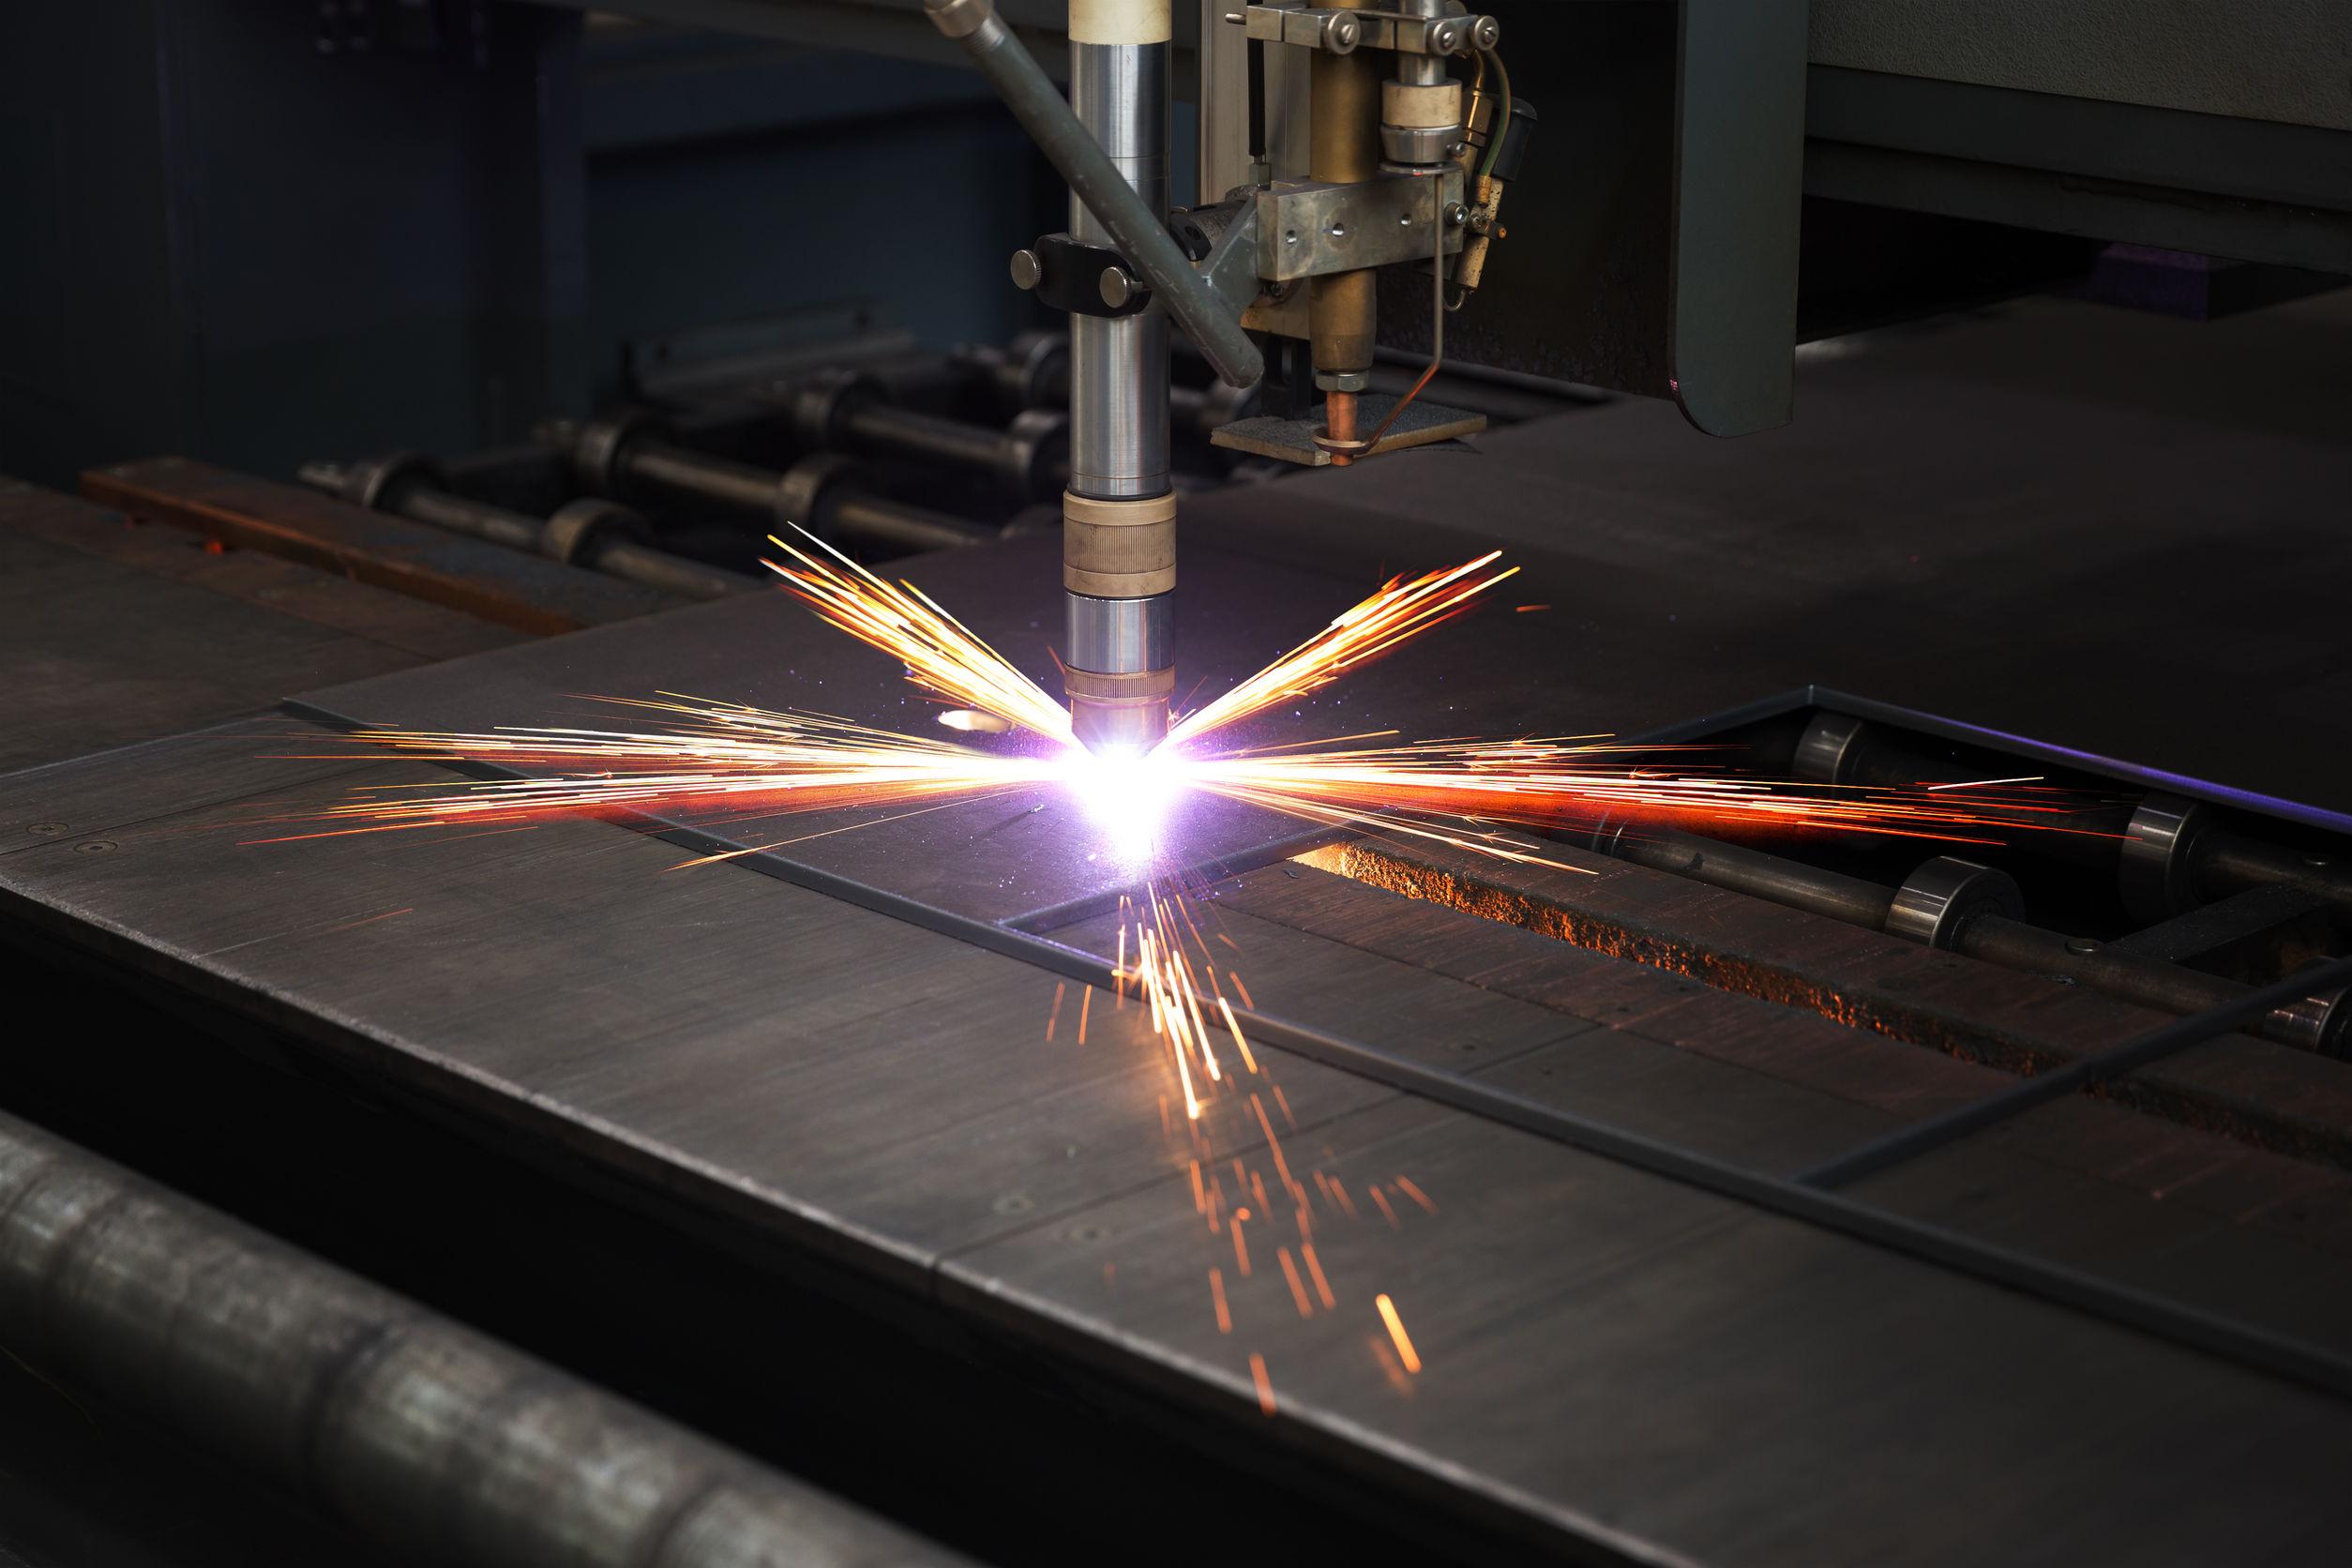 Plasmaschneider: Test & Empfehlungen (08/20)